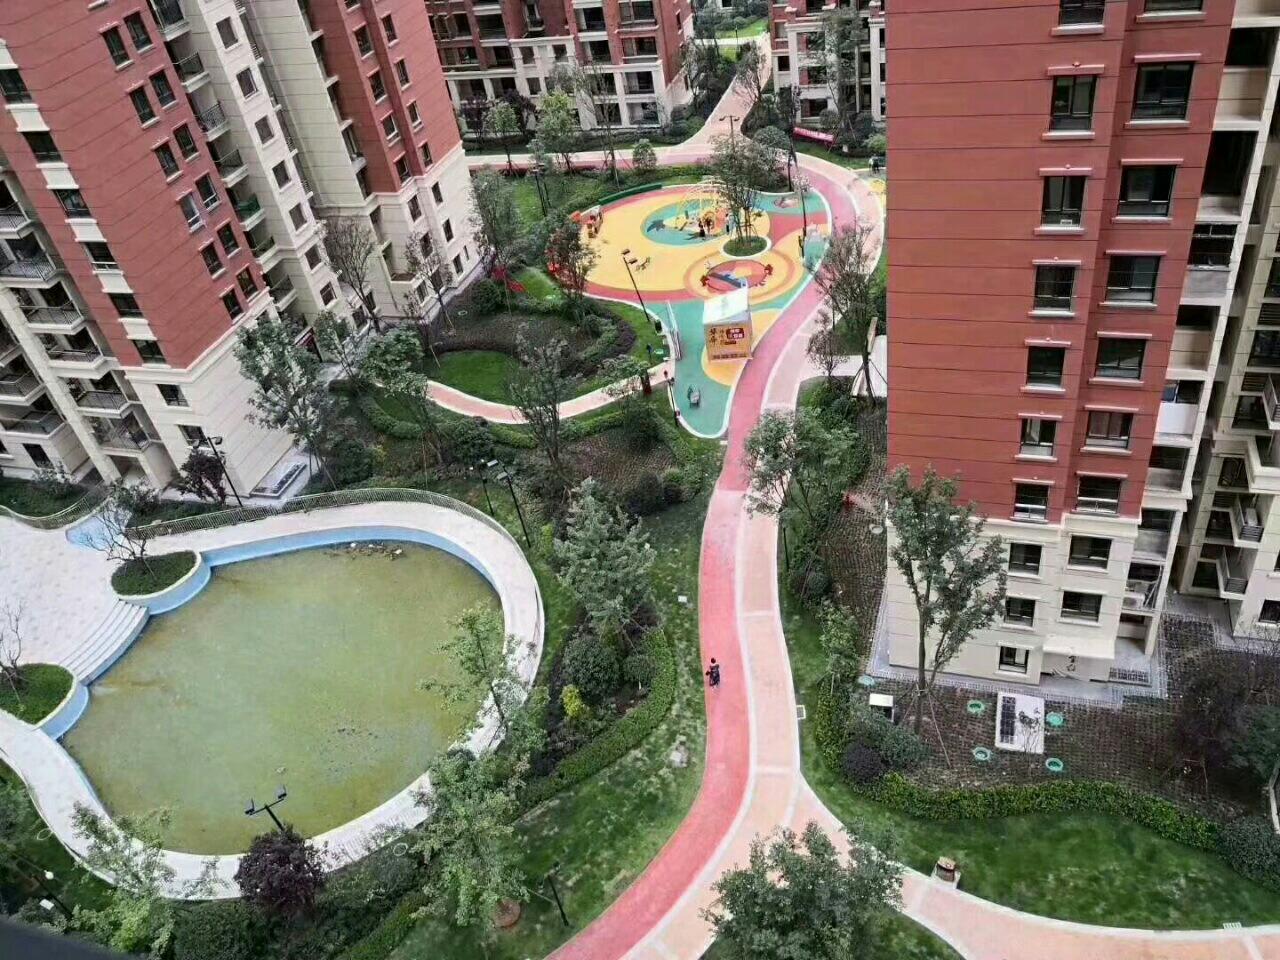 平桥金科云溪台,13楼,楼中楼豪华装修4室 2厅 2卫120万元